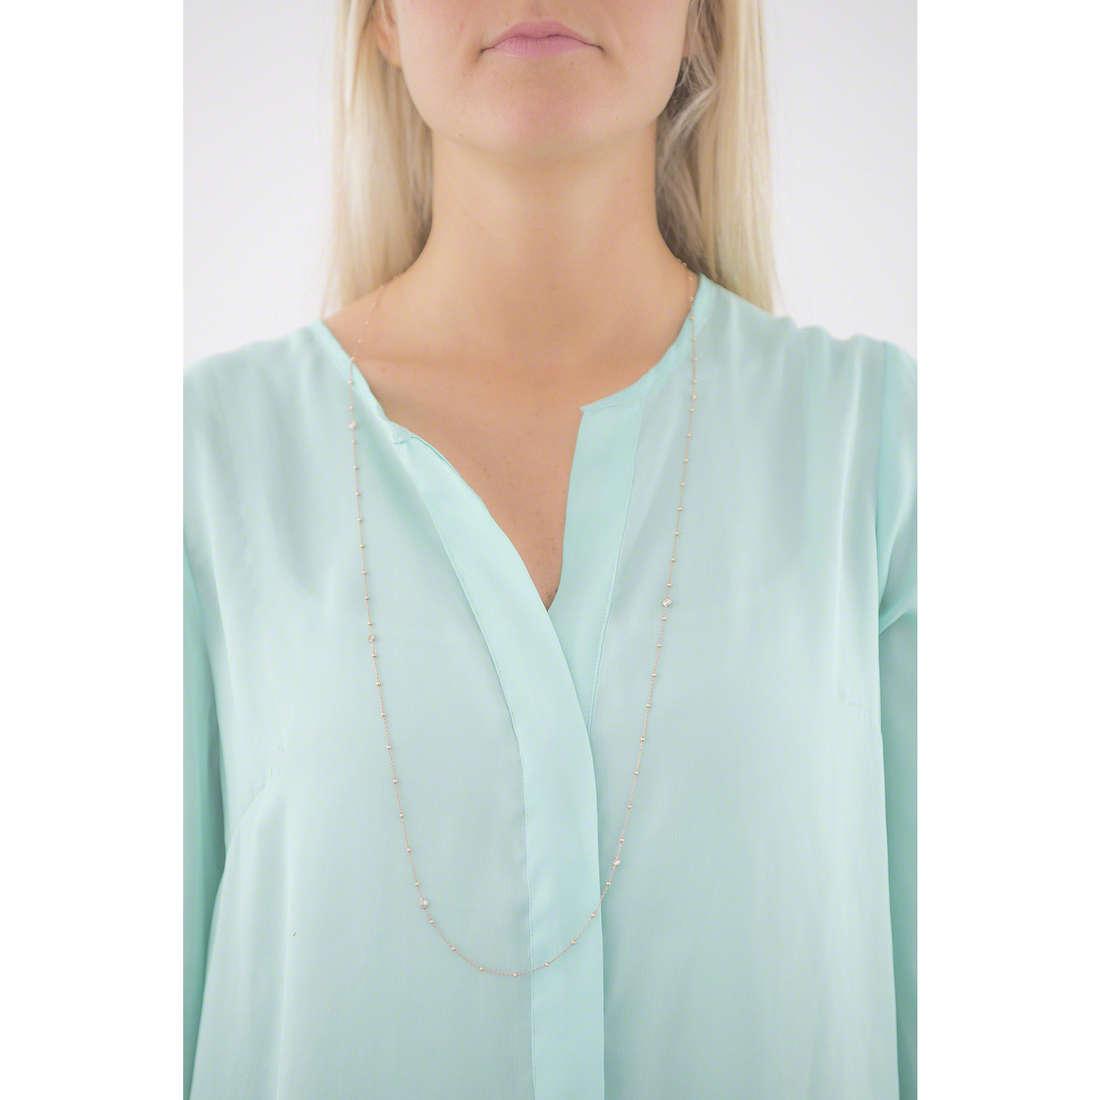 Nomination collane Bella donna 142623/011 indosso